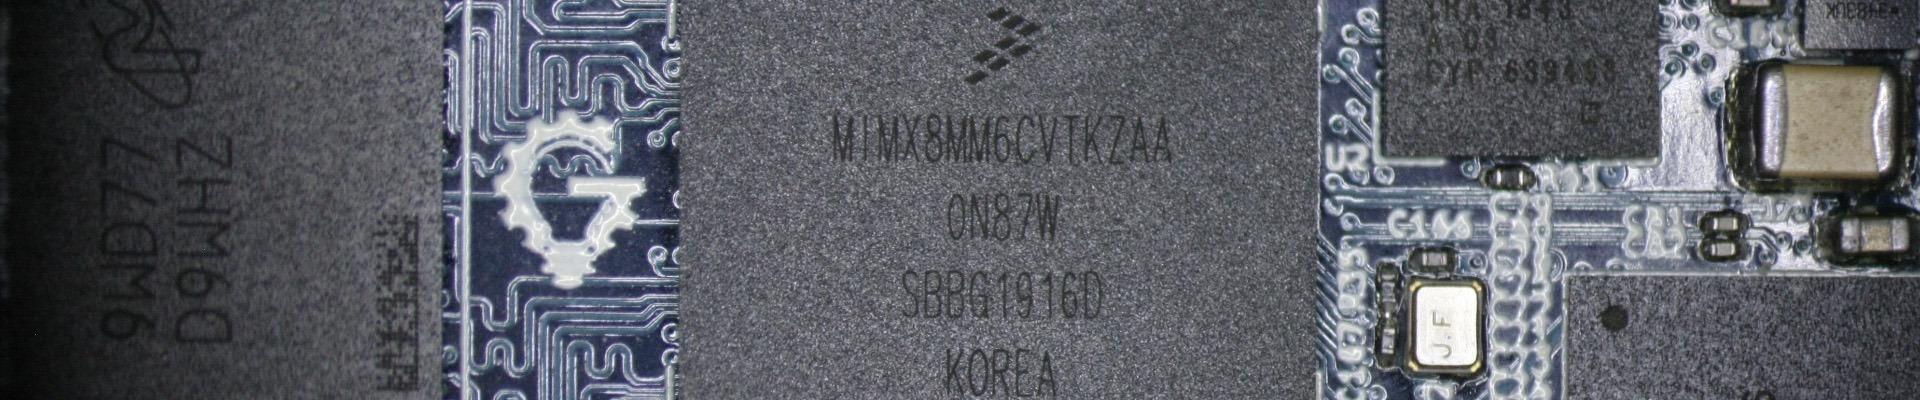 kimχ micro